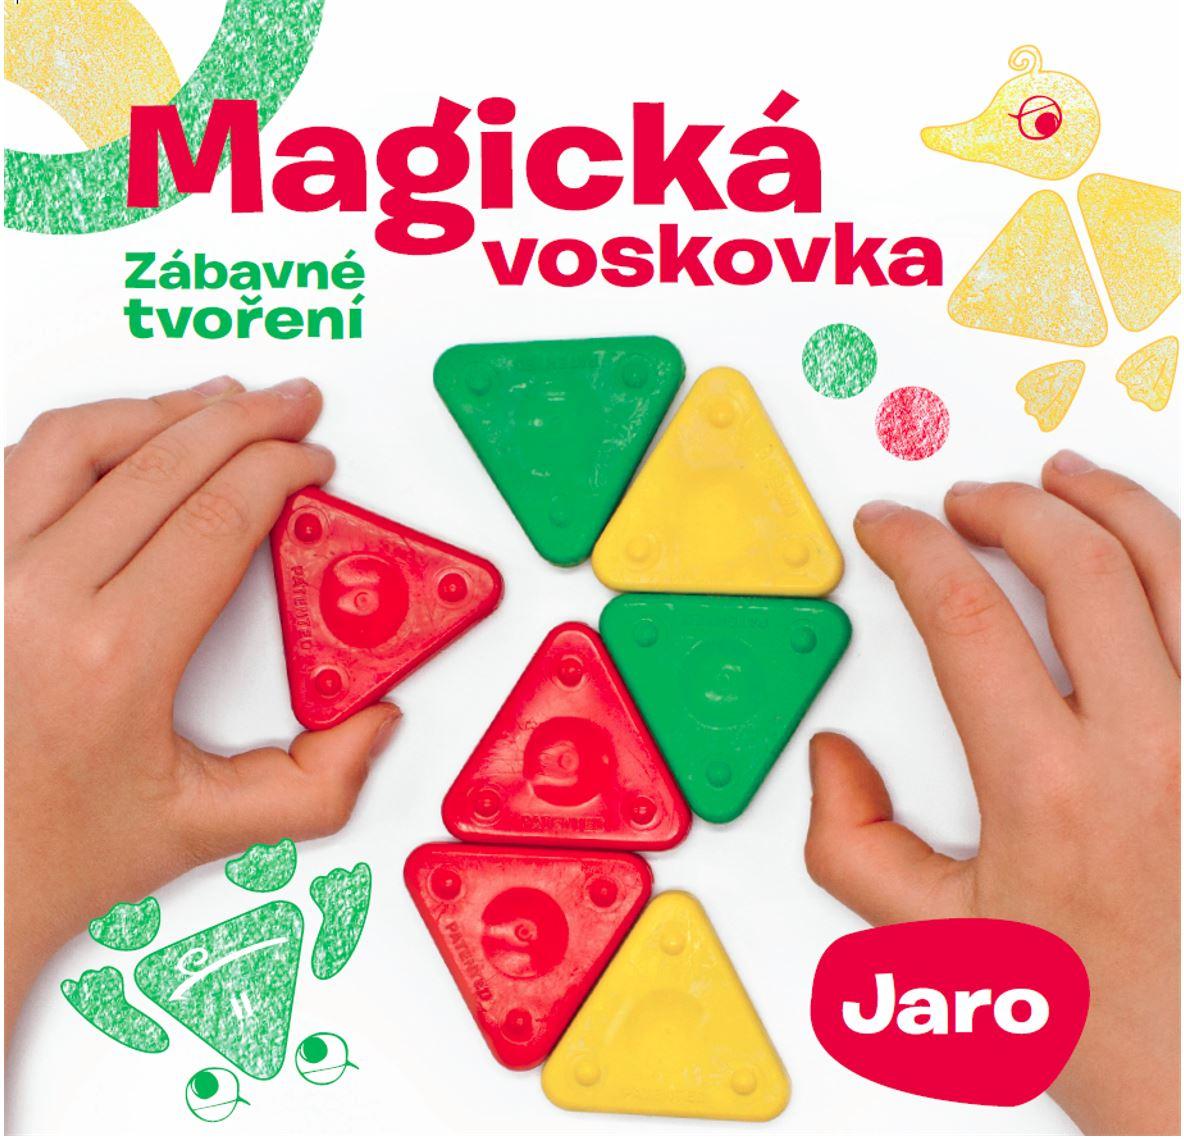 Kniha – Magická voskovka; Zábavné tvoření, díl 1. JARO